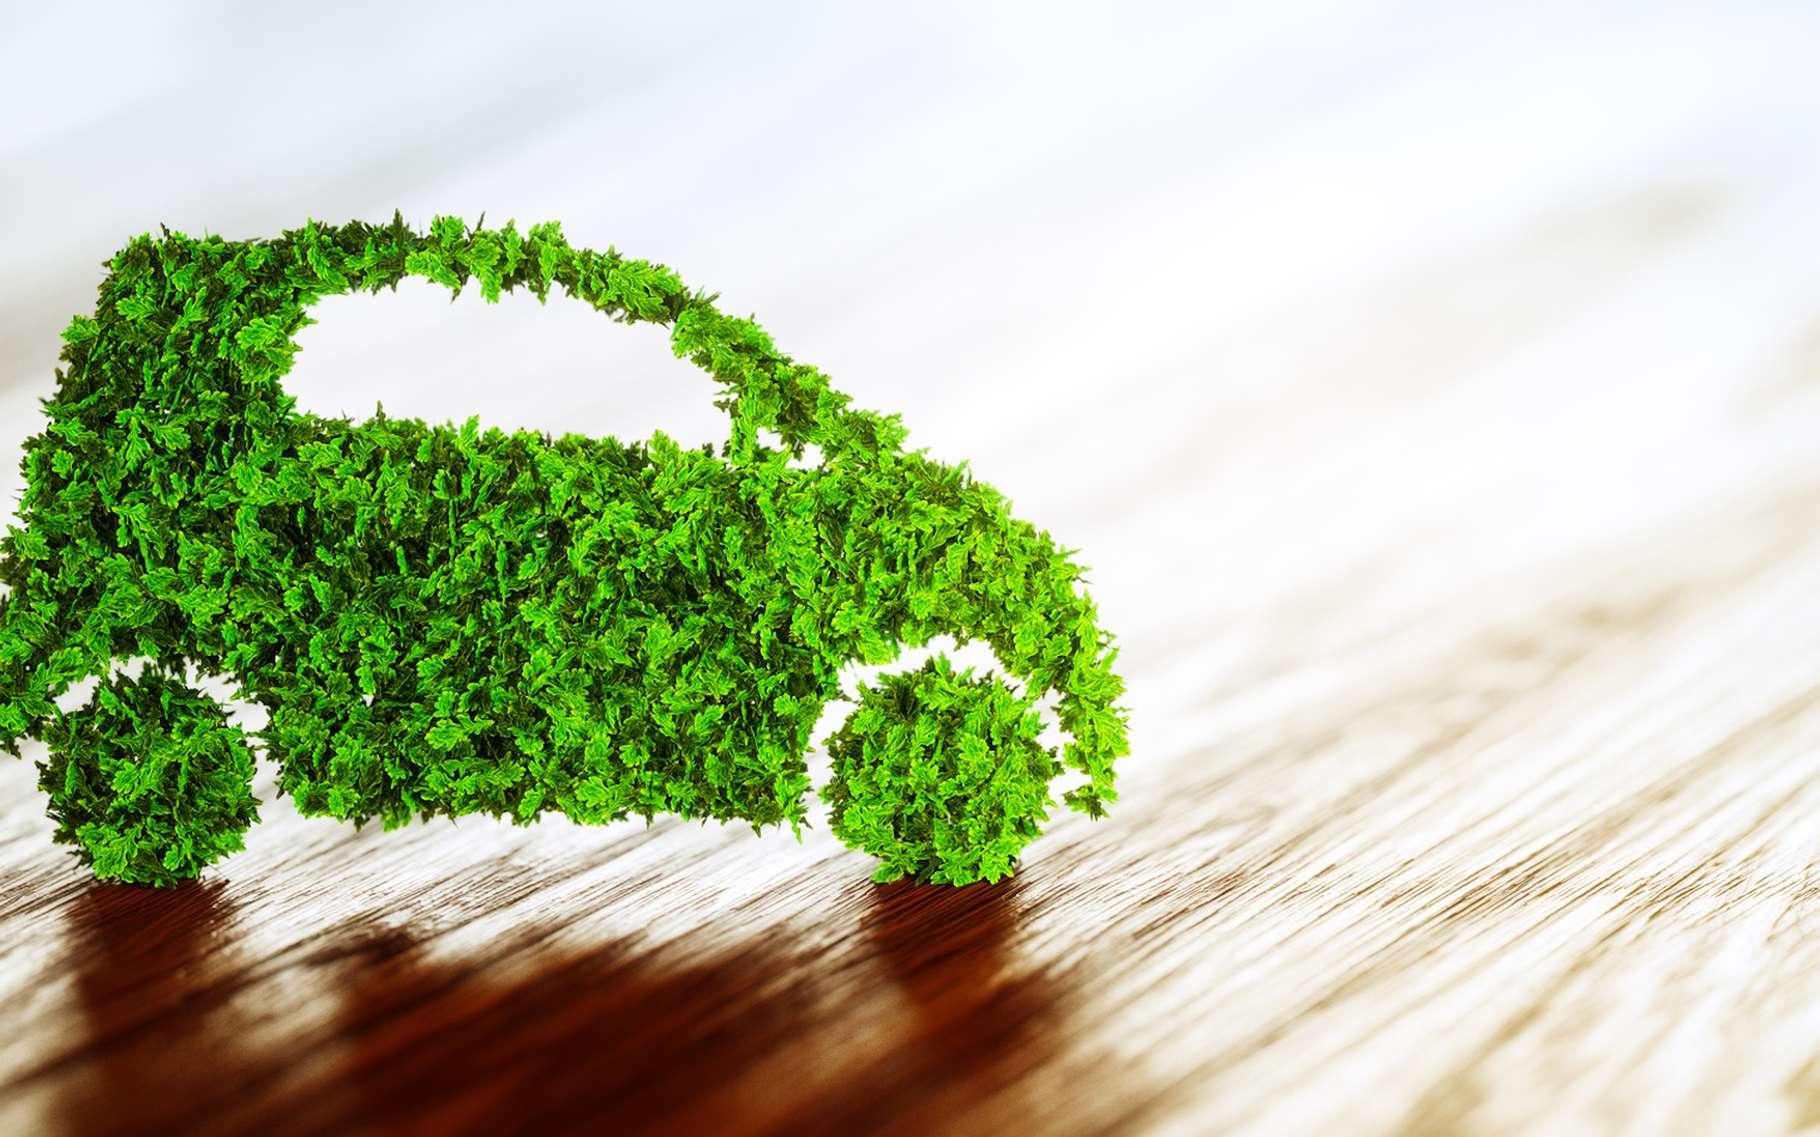 Des chercheurs britanniques sont sur la piste d'une production d'hydrogène – potentiellement dédiée à l'alimentation des voitures à hydrogène – à partir de déchets plastique. © malp, Fotolia